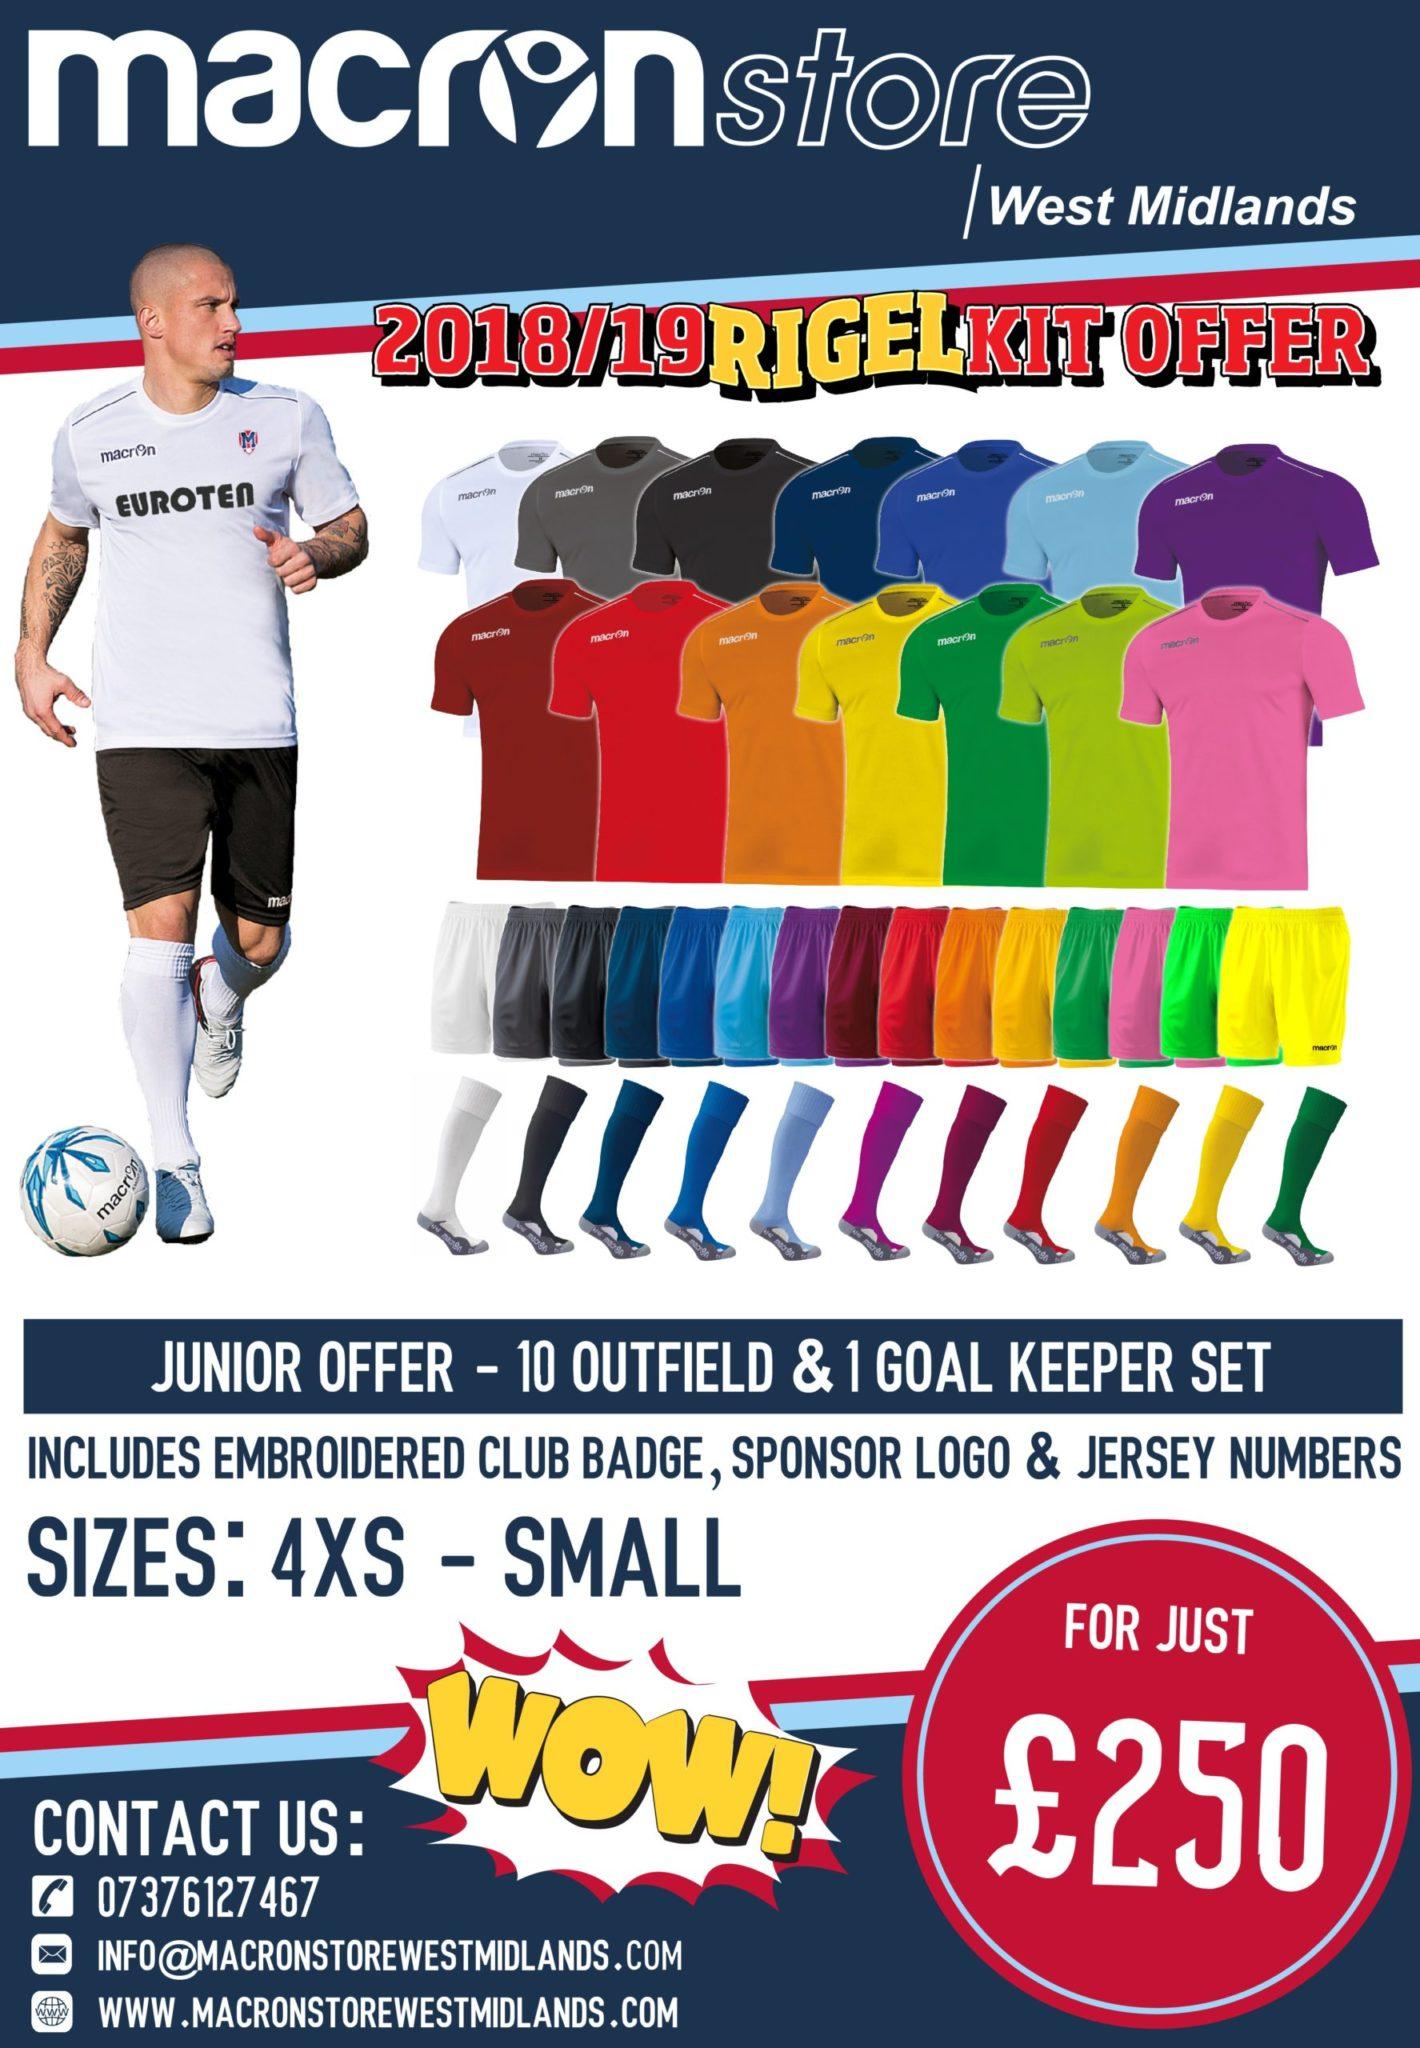 Kit Offer - Juniors